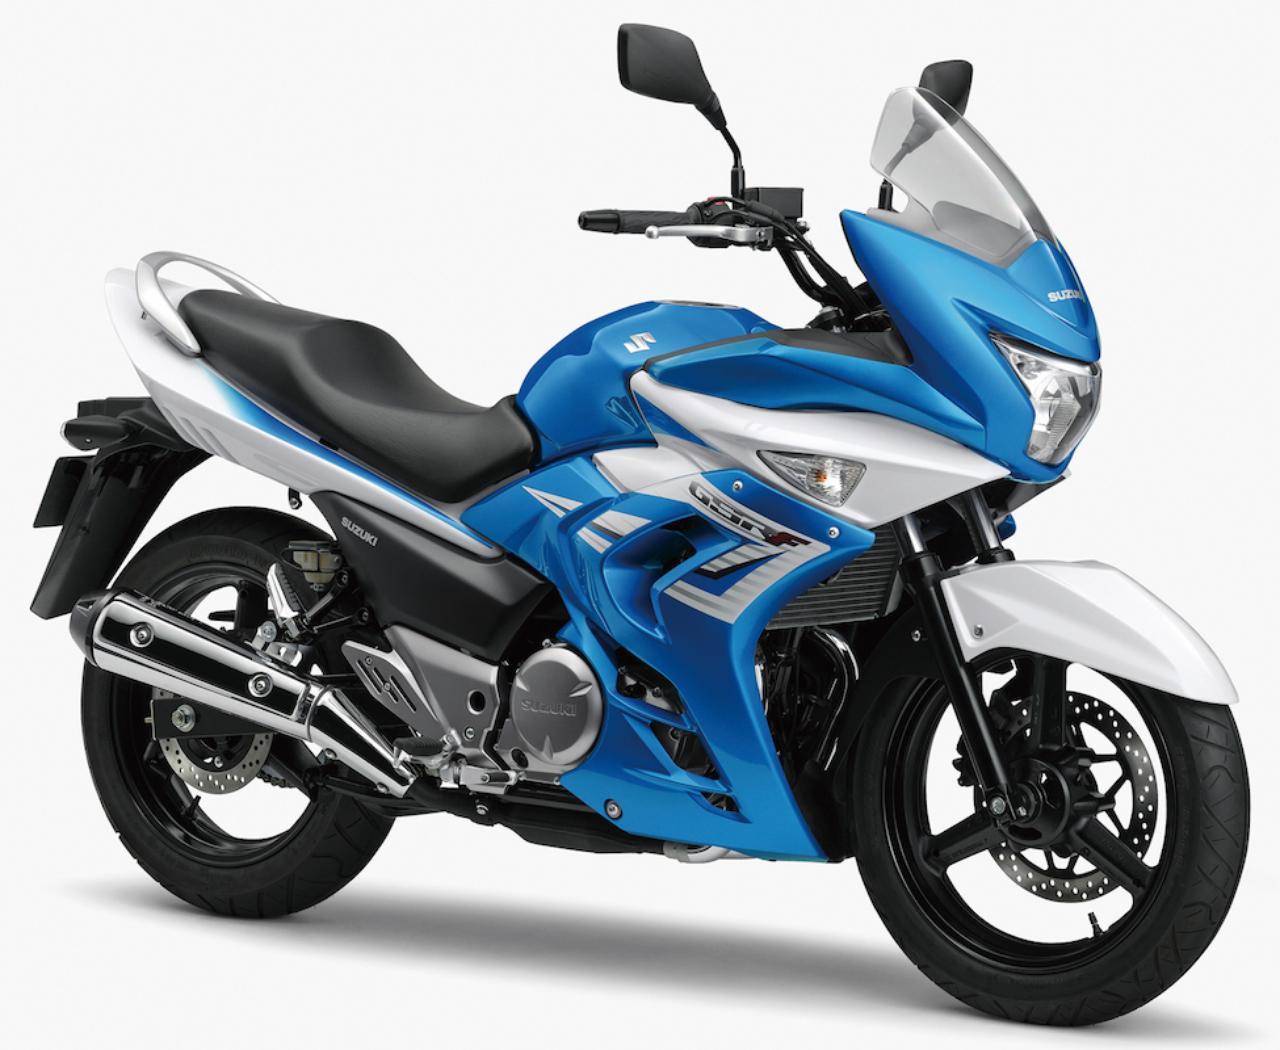 画像: S023 SUZUKI GSR250F ■価格:51万4080円 GSR250の特徴である快適さと安定感、スムーズなエンジン特性に、高速走行時でも防風効果の高いフルカウルをプラスすることで、さらにツアラー的な性格が強調されたバリエーションモデル。